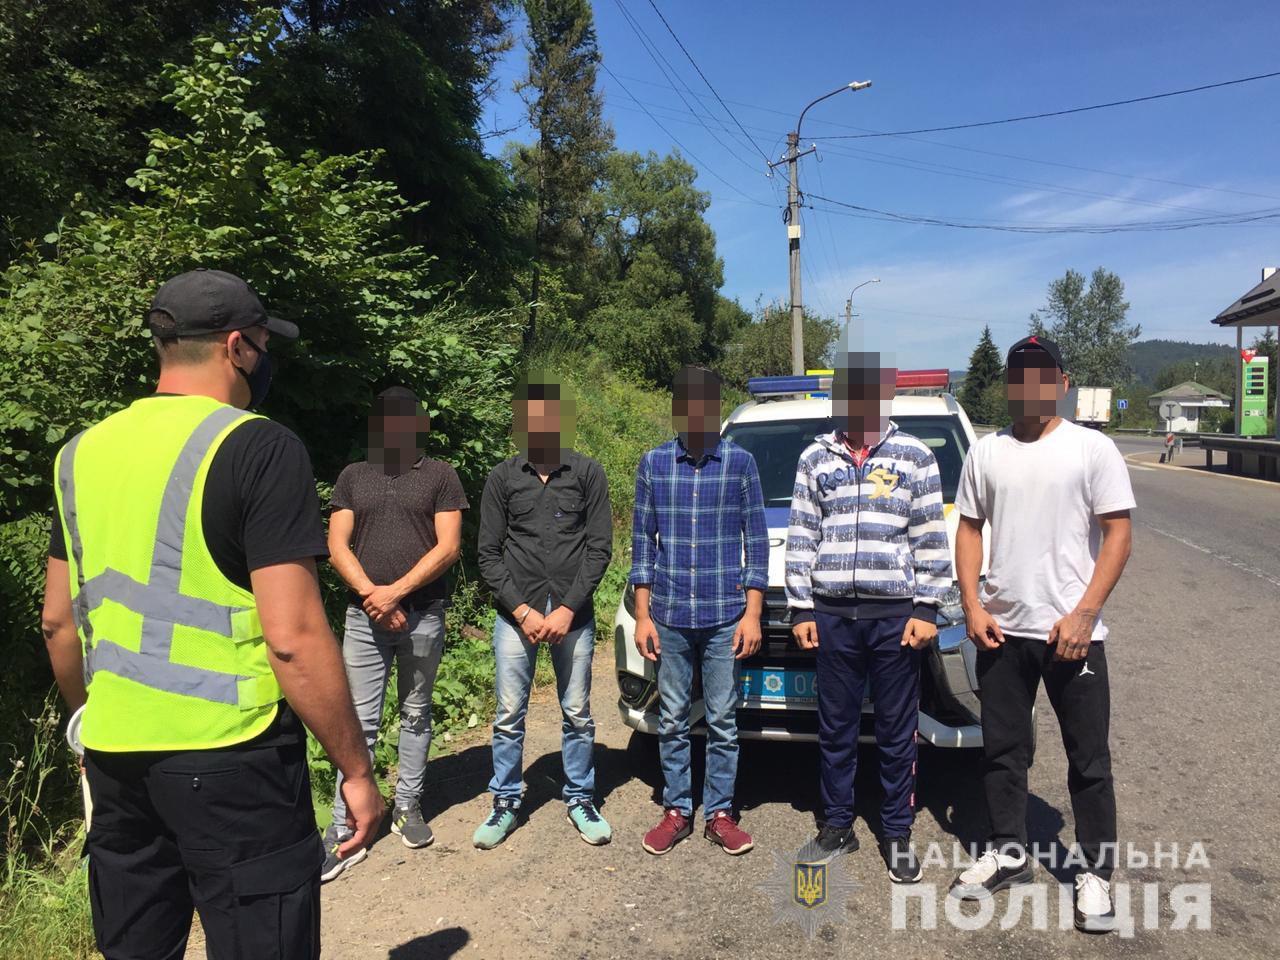 Закарпатські правоохоронці спинили водія, який під дією наркотиків перевозив нелегалів